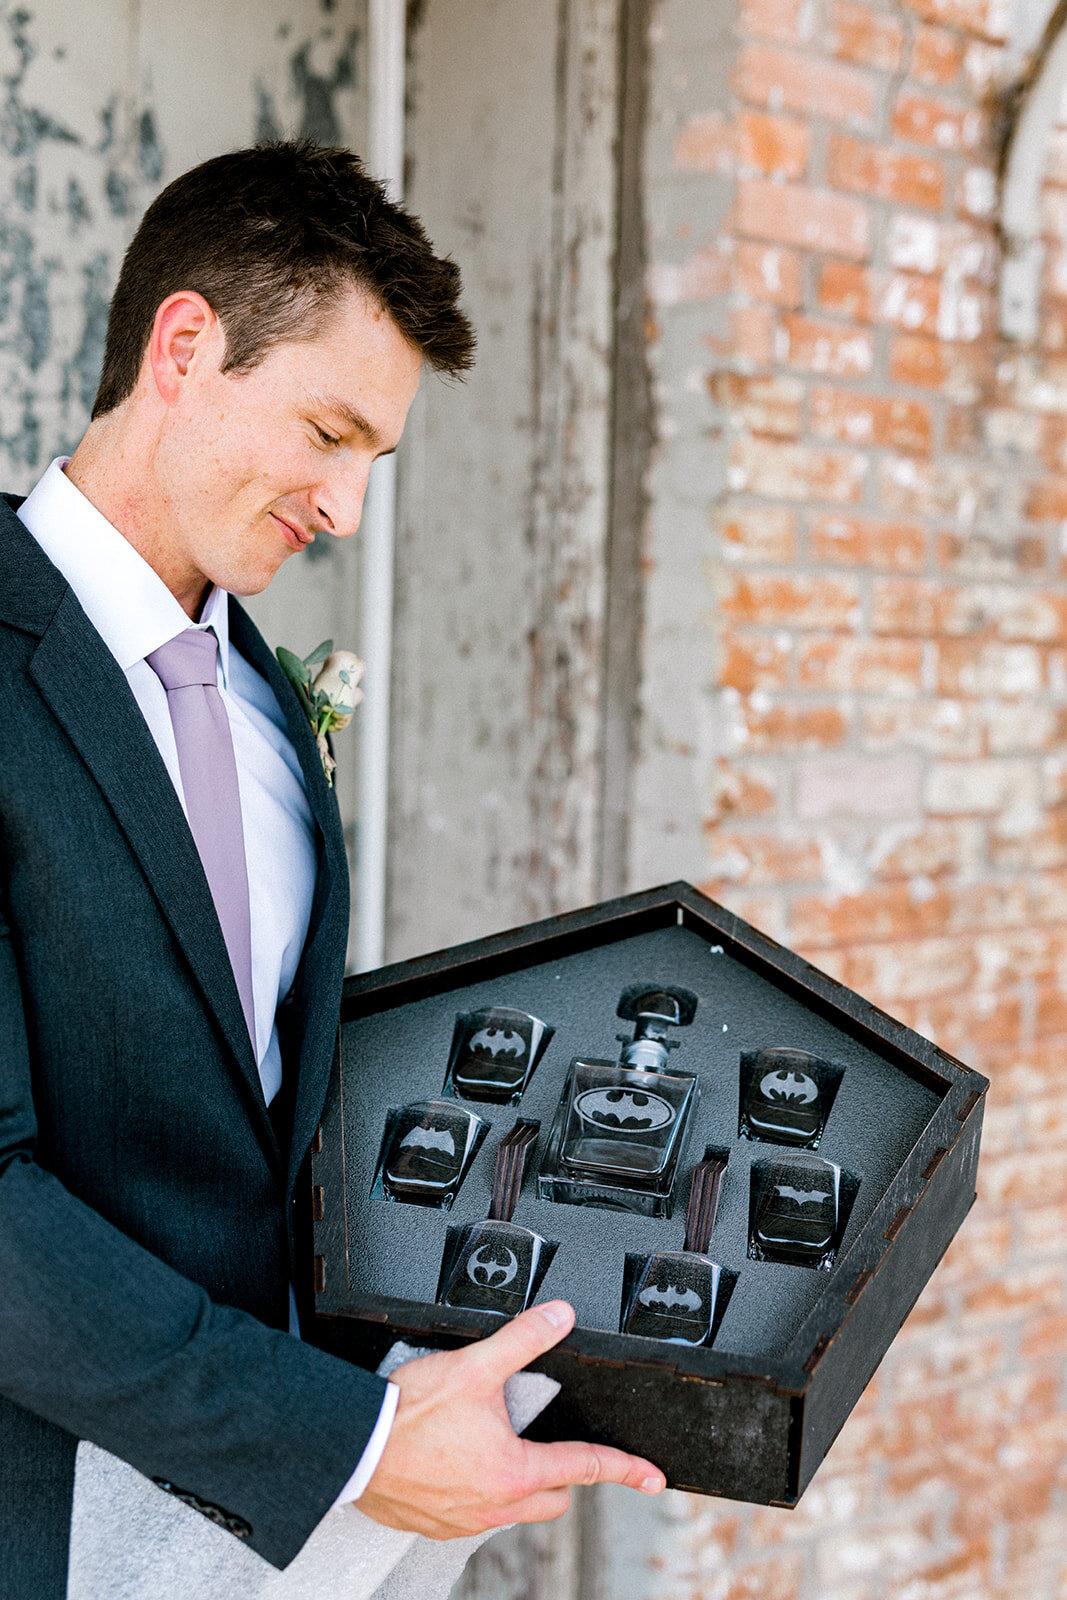 wedding day gift exchange.jpg